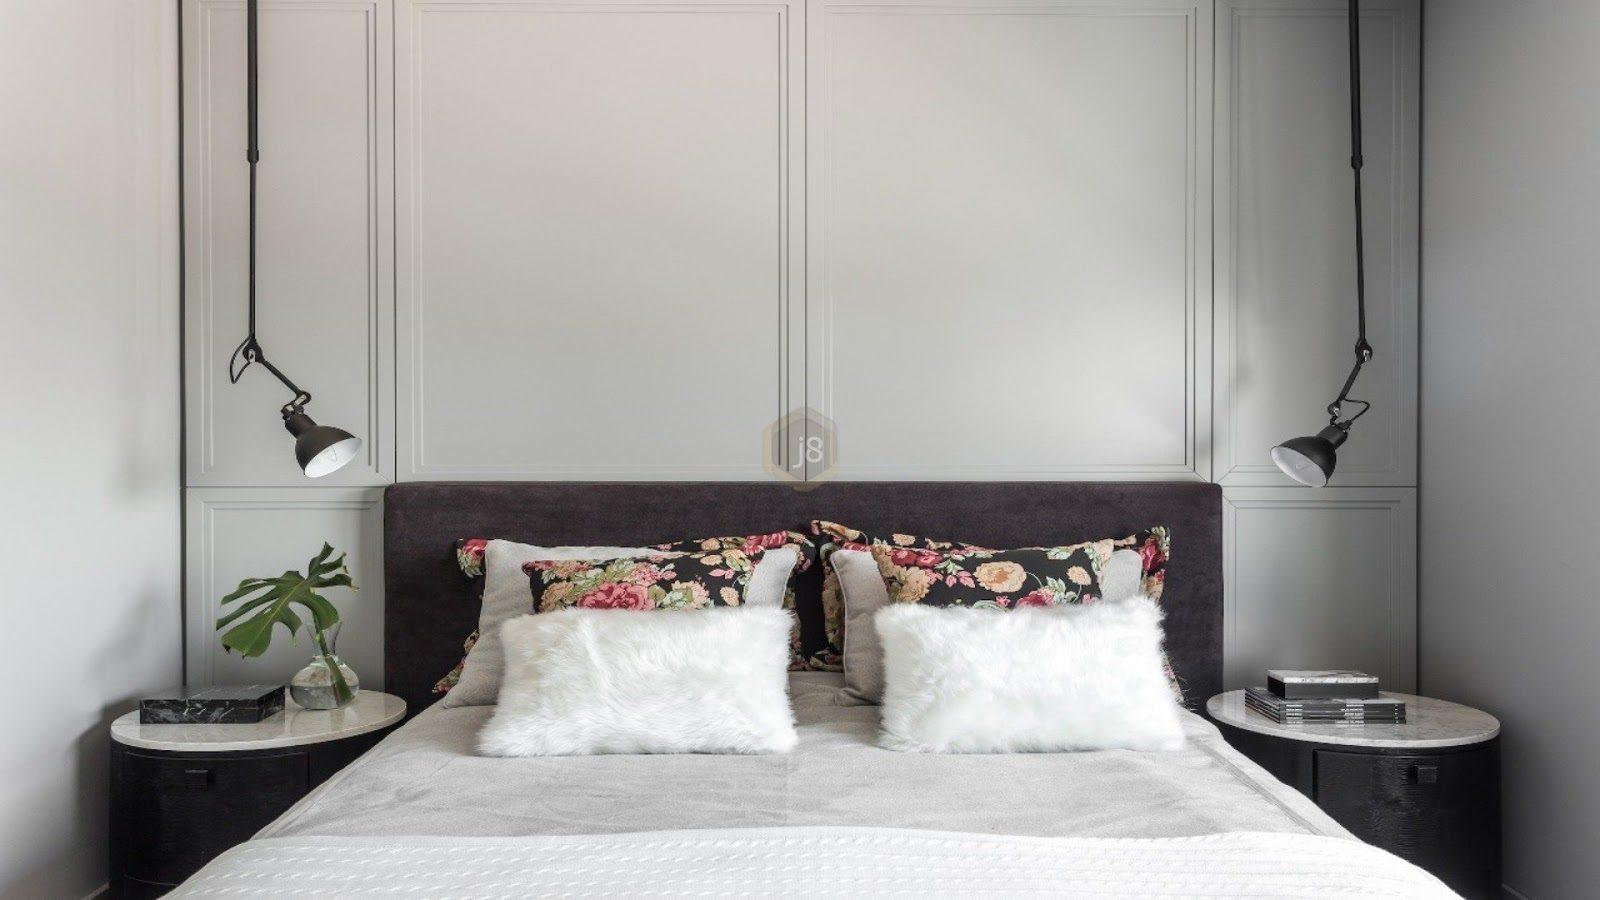 moldura de cama feita com boiserie